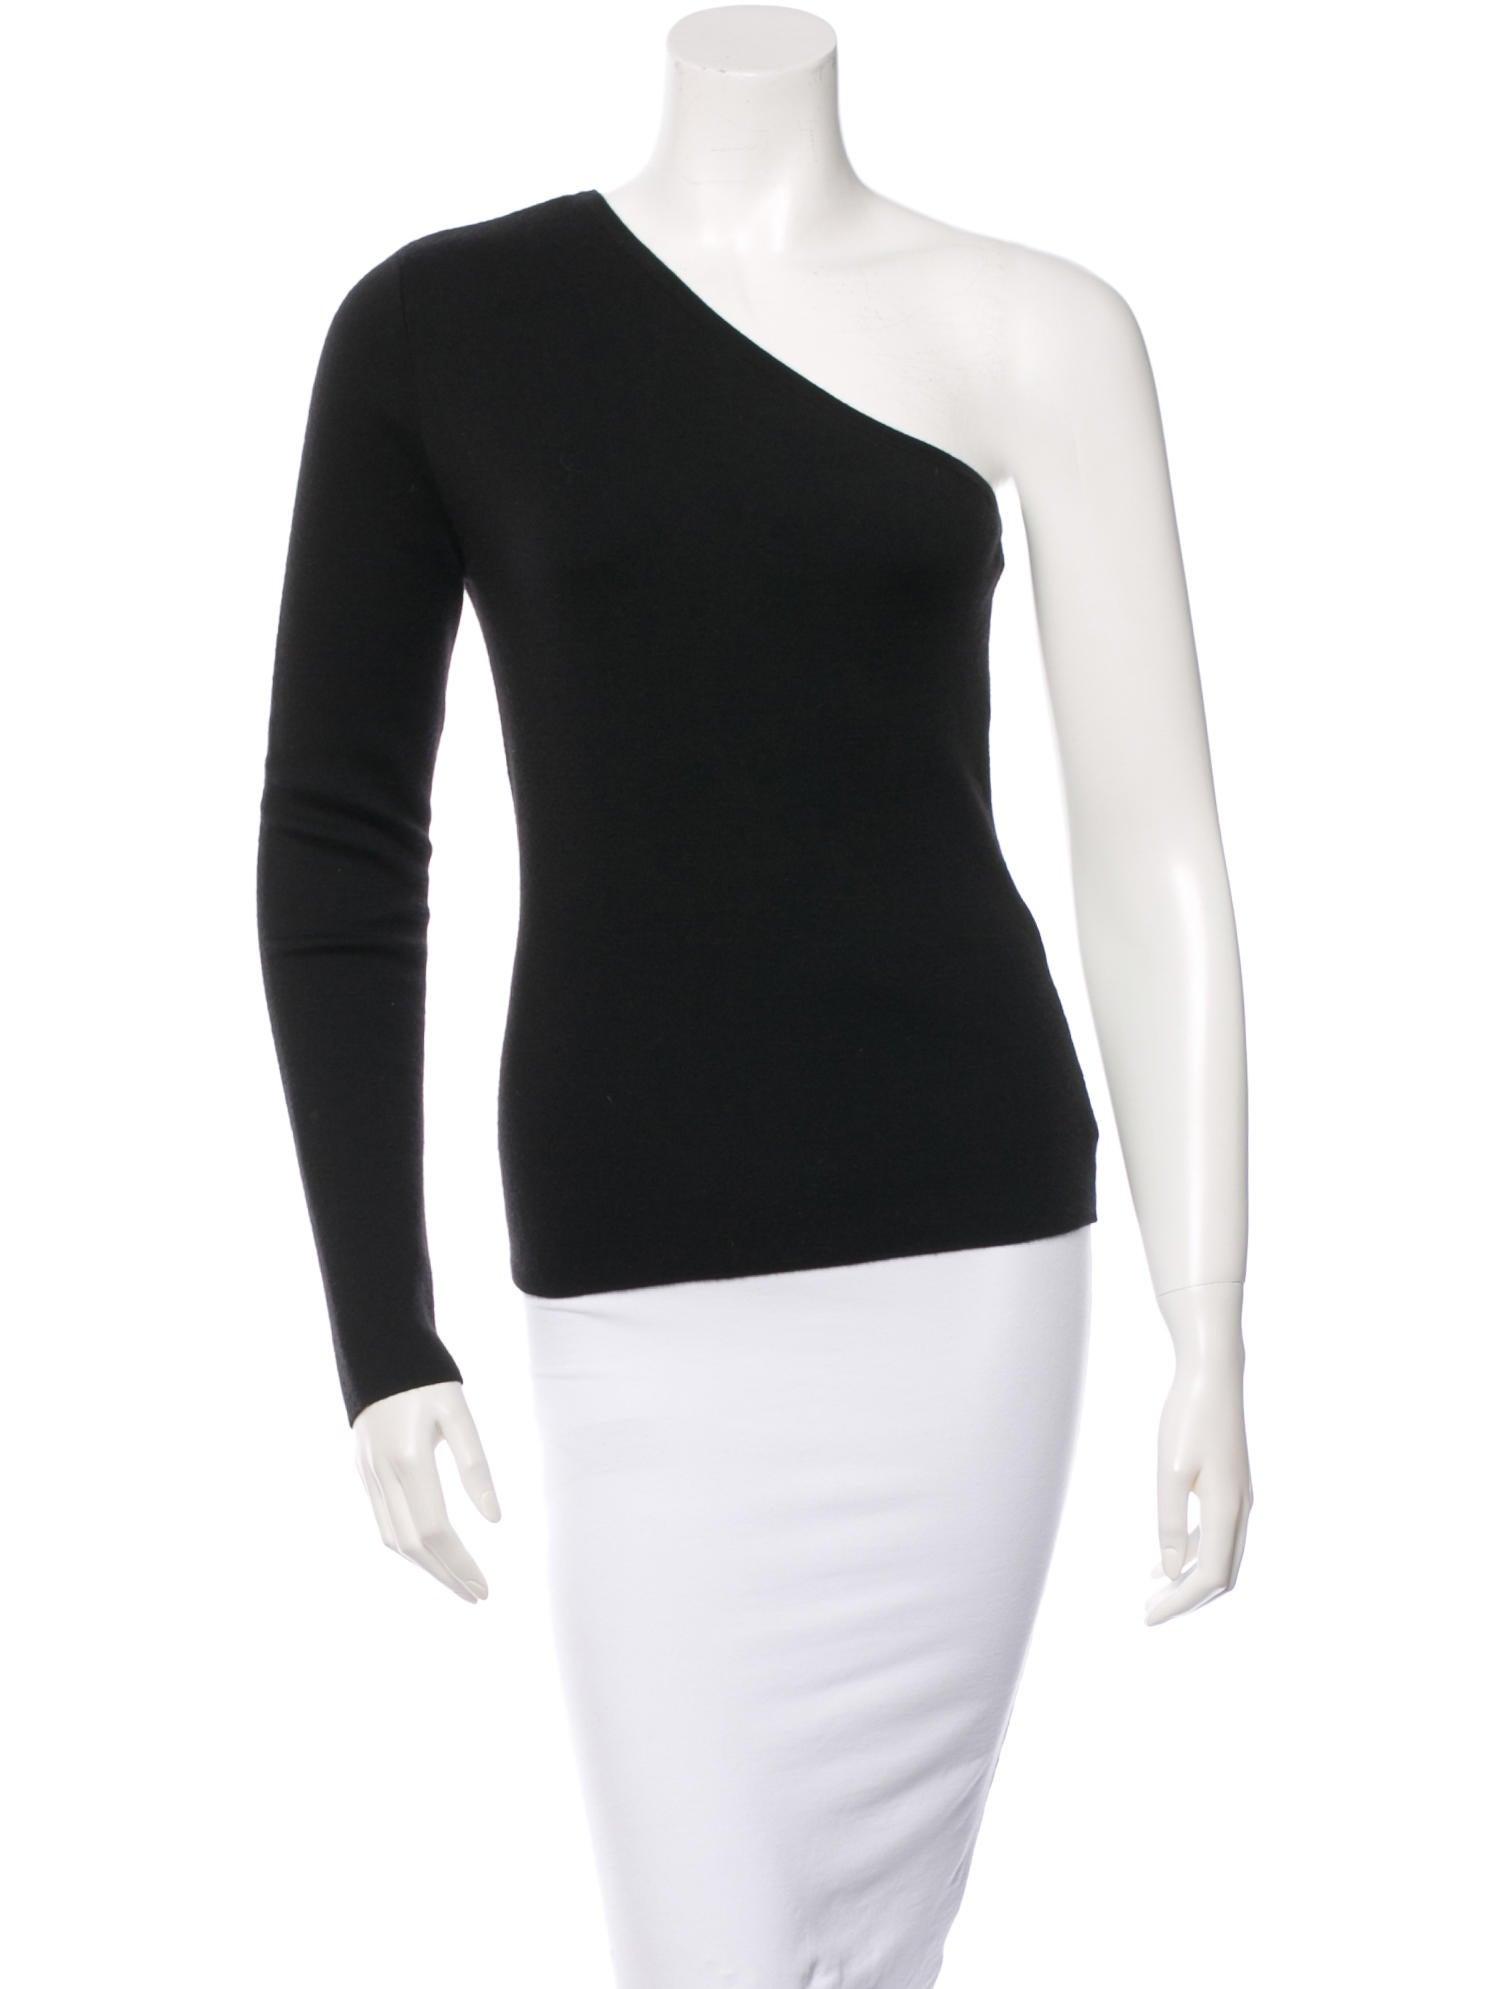 michael kors one shoulder cashmere sweater clothing. Black Bedroom Furniture Sets. Home Design Ideas